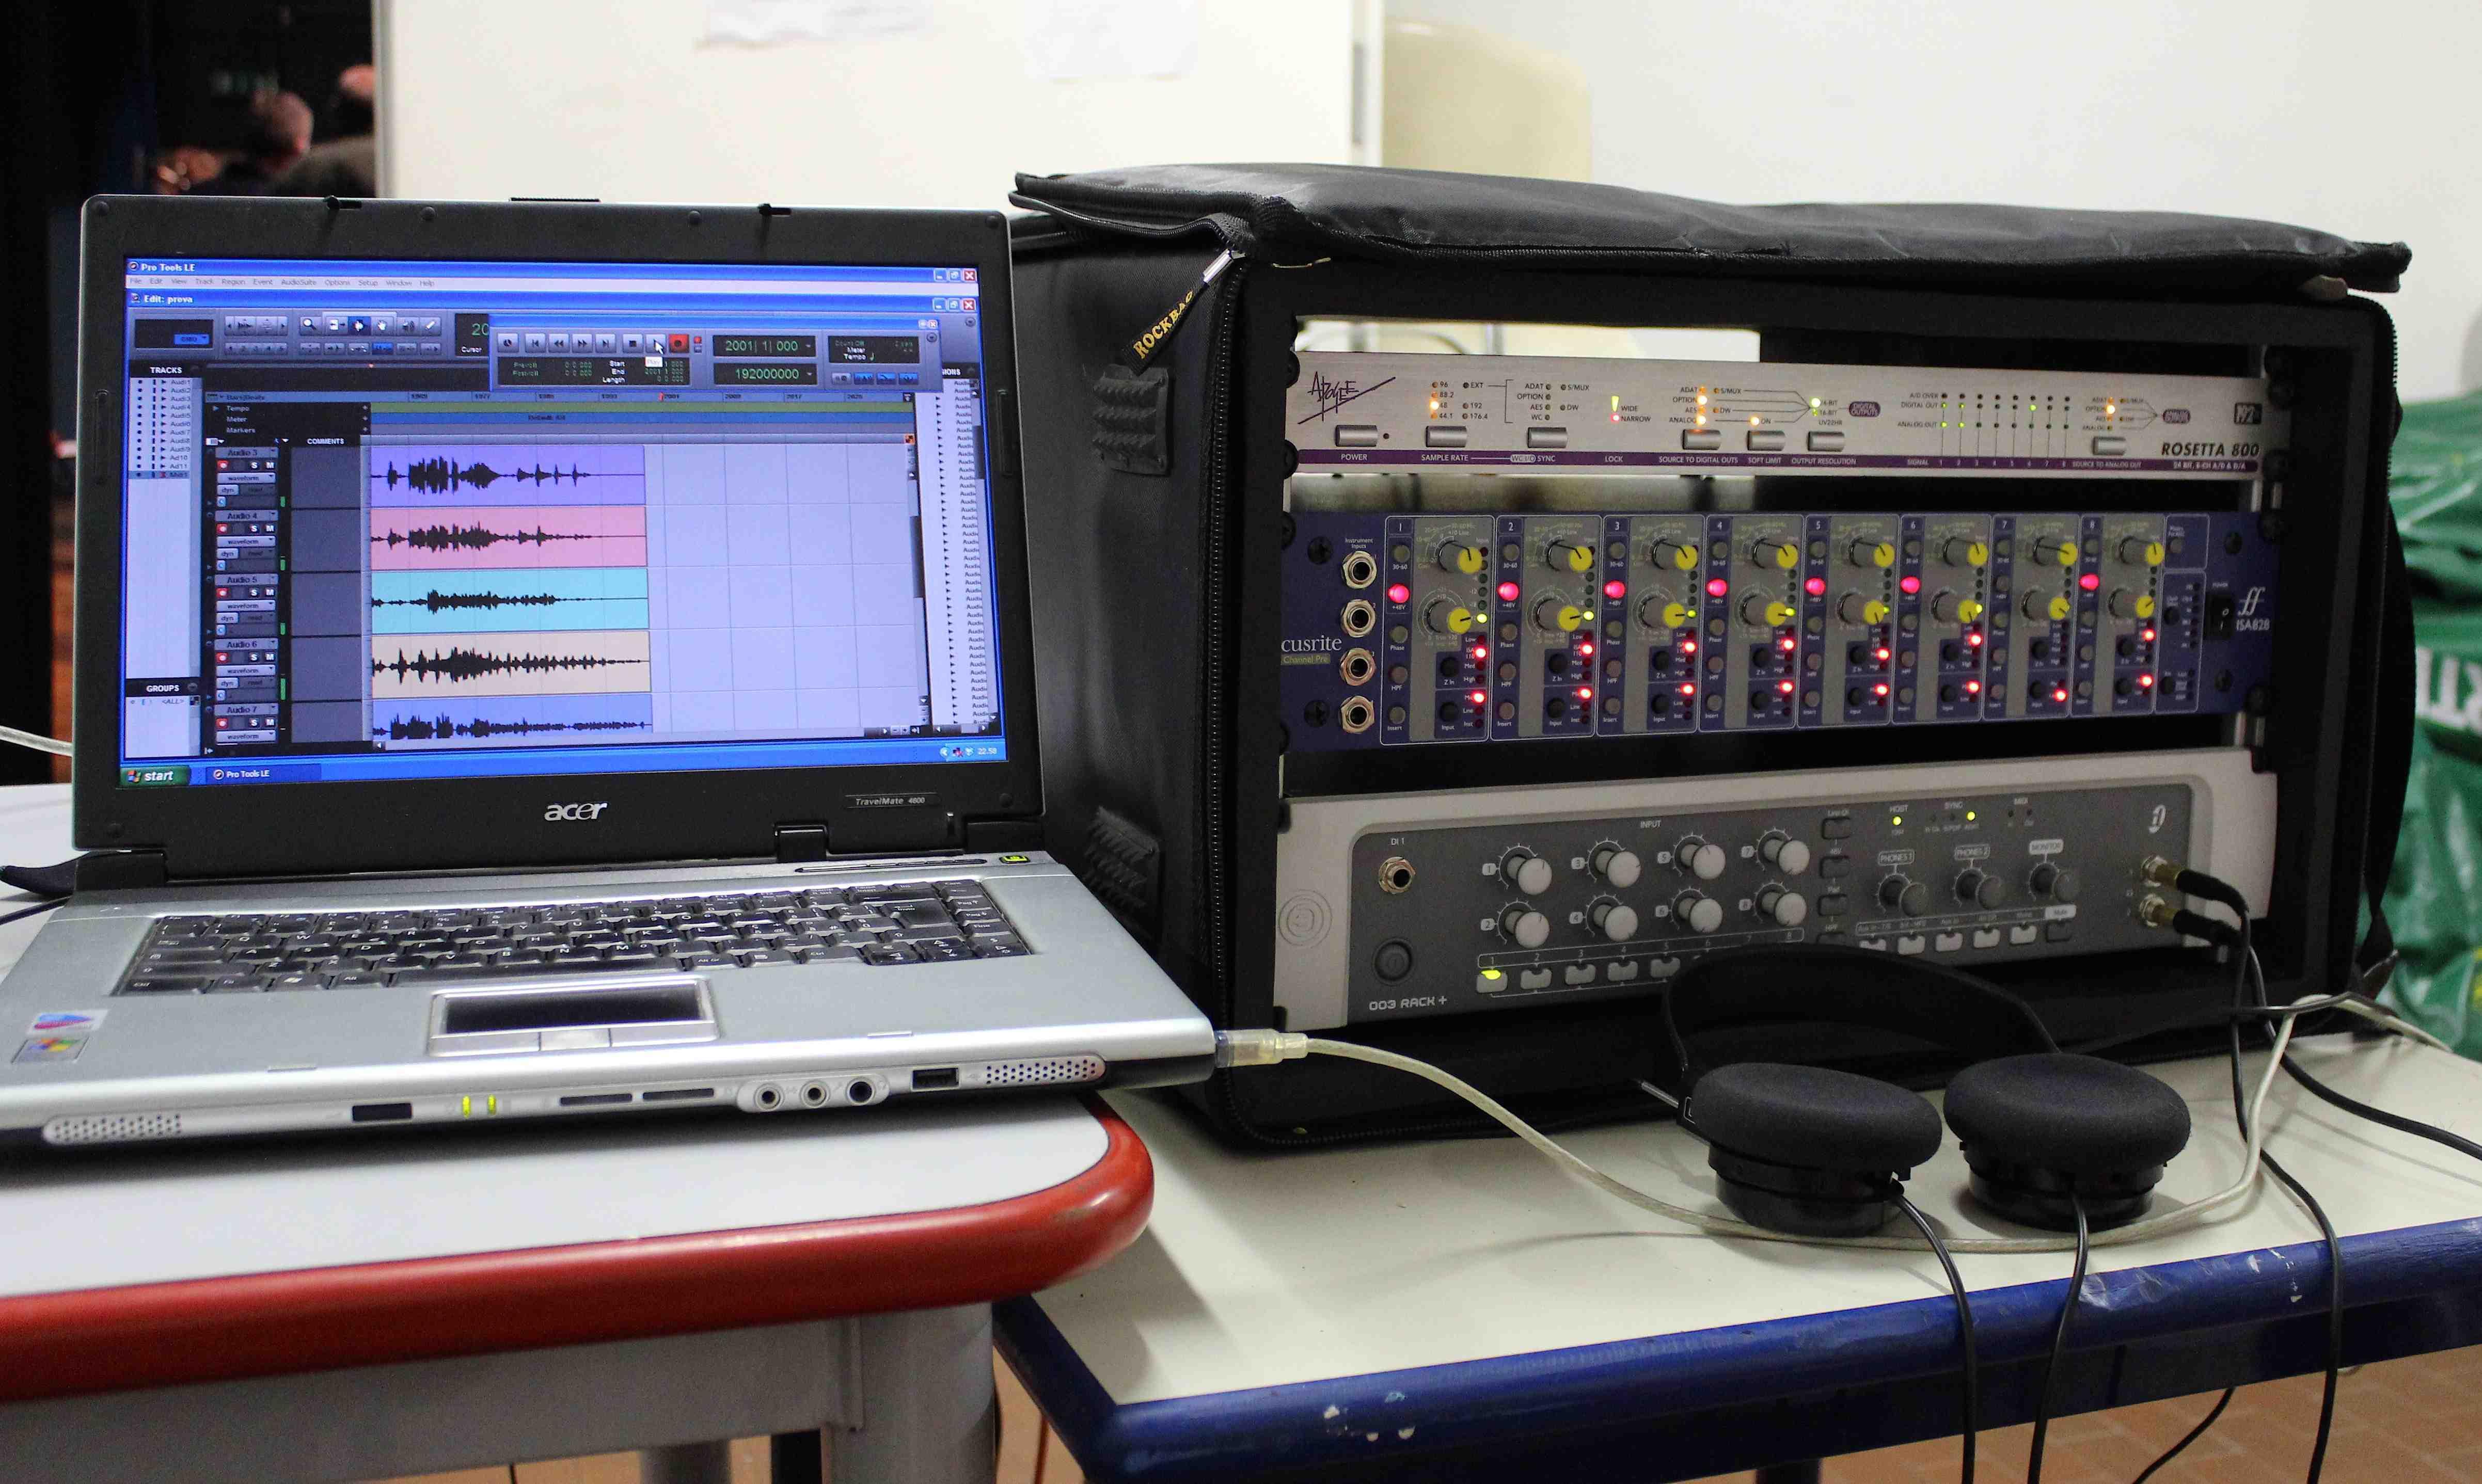 Studio di registrazione monza il portale di monza e brianza - Studio di registrazione in casa ...